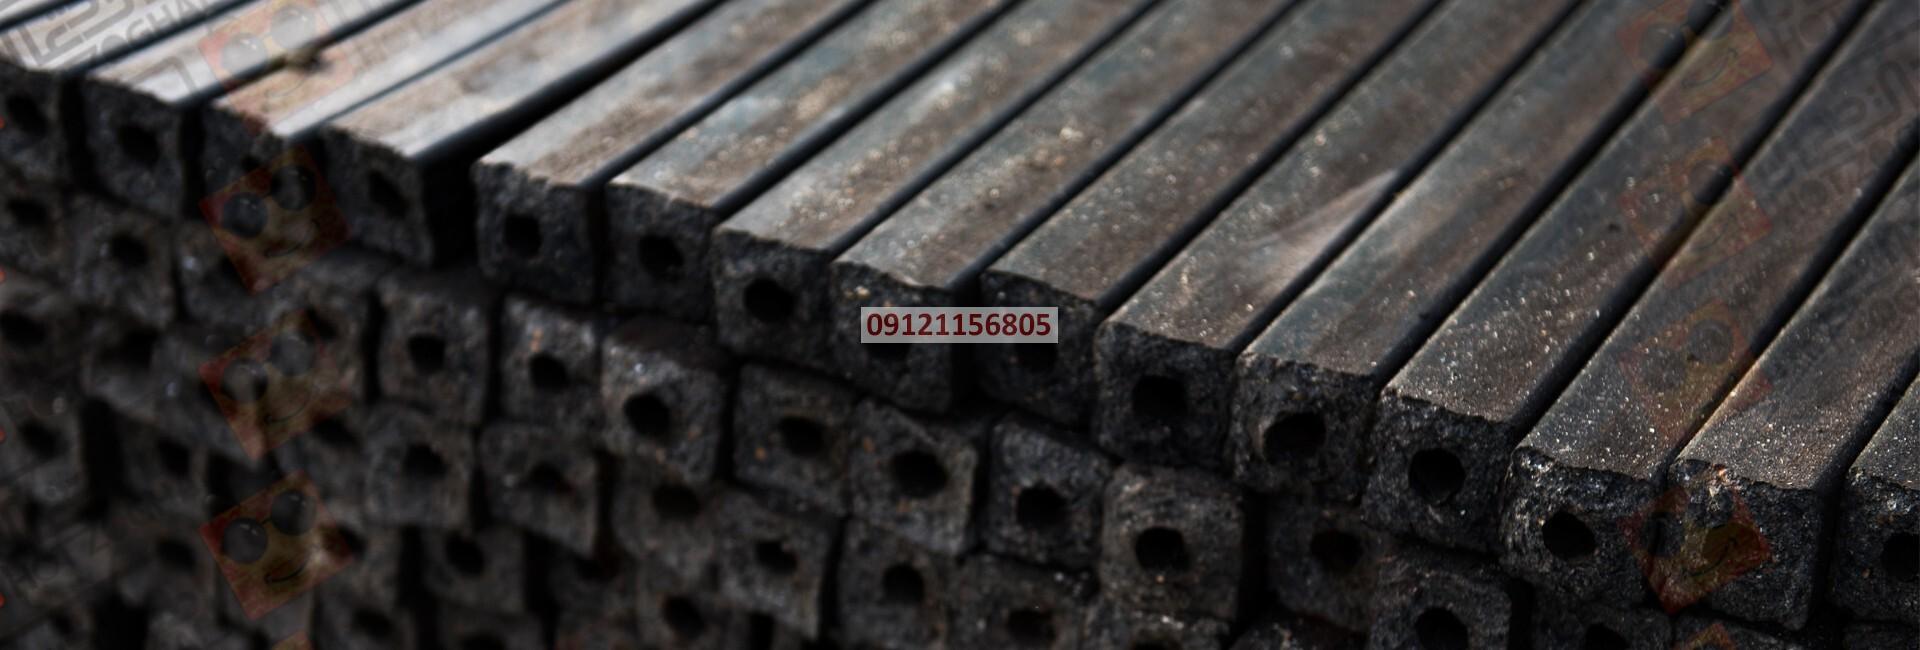 هات زغال،سازنده خط تولید زغال فشرده